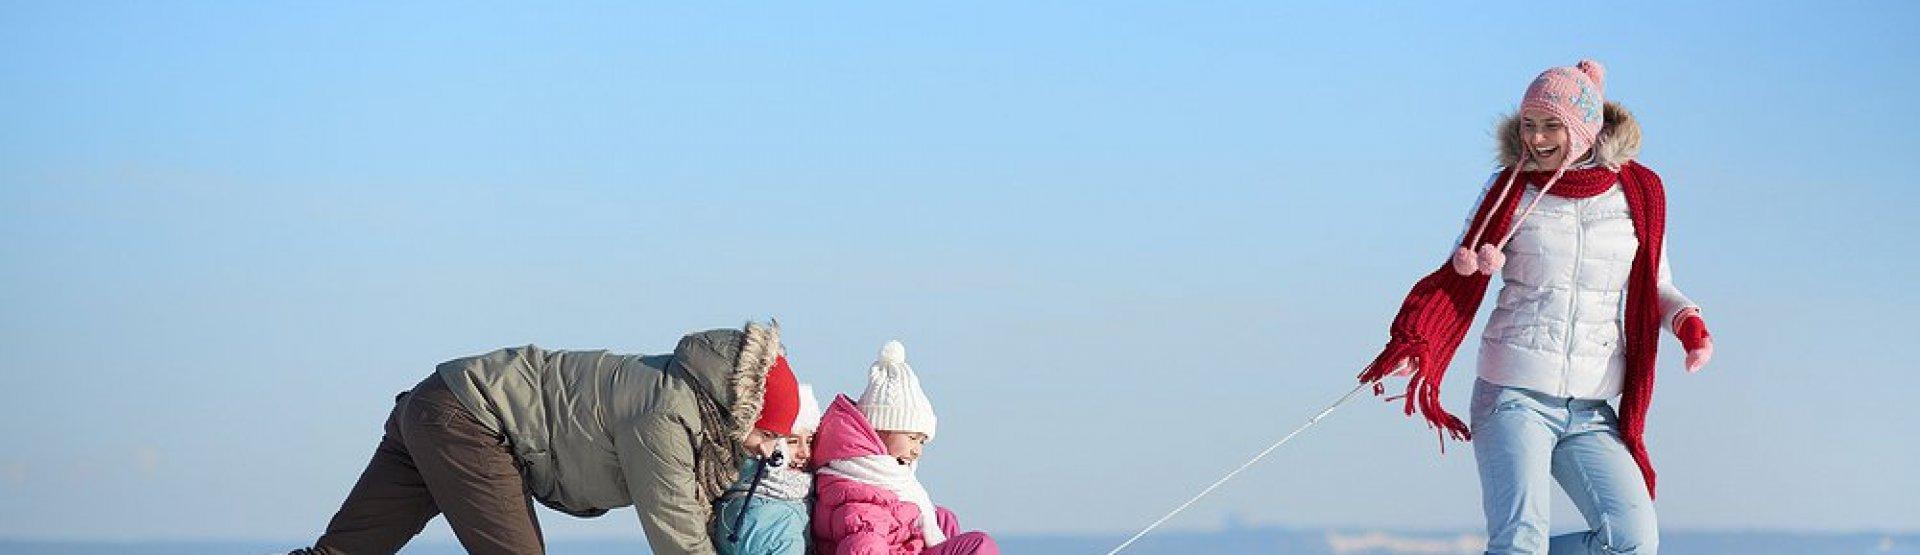 Ferie zimowe nad morzem 2019 - Dzieci gratis + AQUAPARK